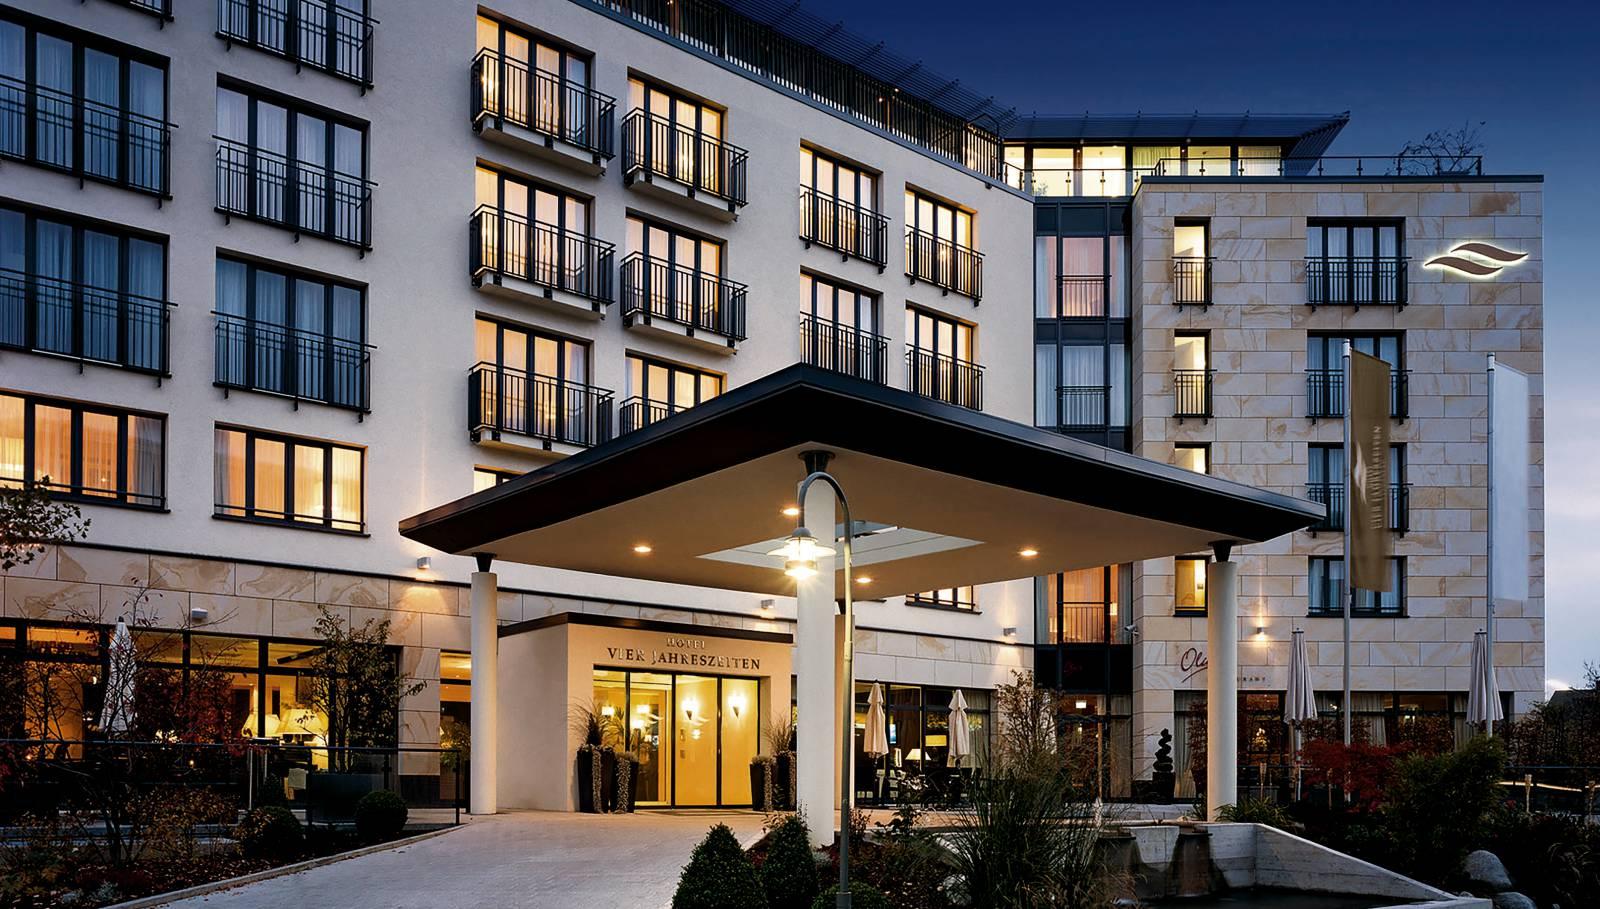 Vier Jahreszeiten Starnberg © Tablet Hotels